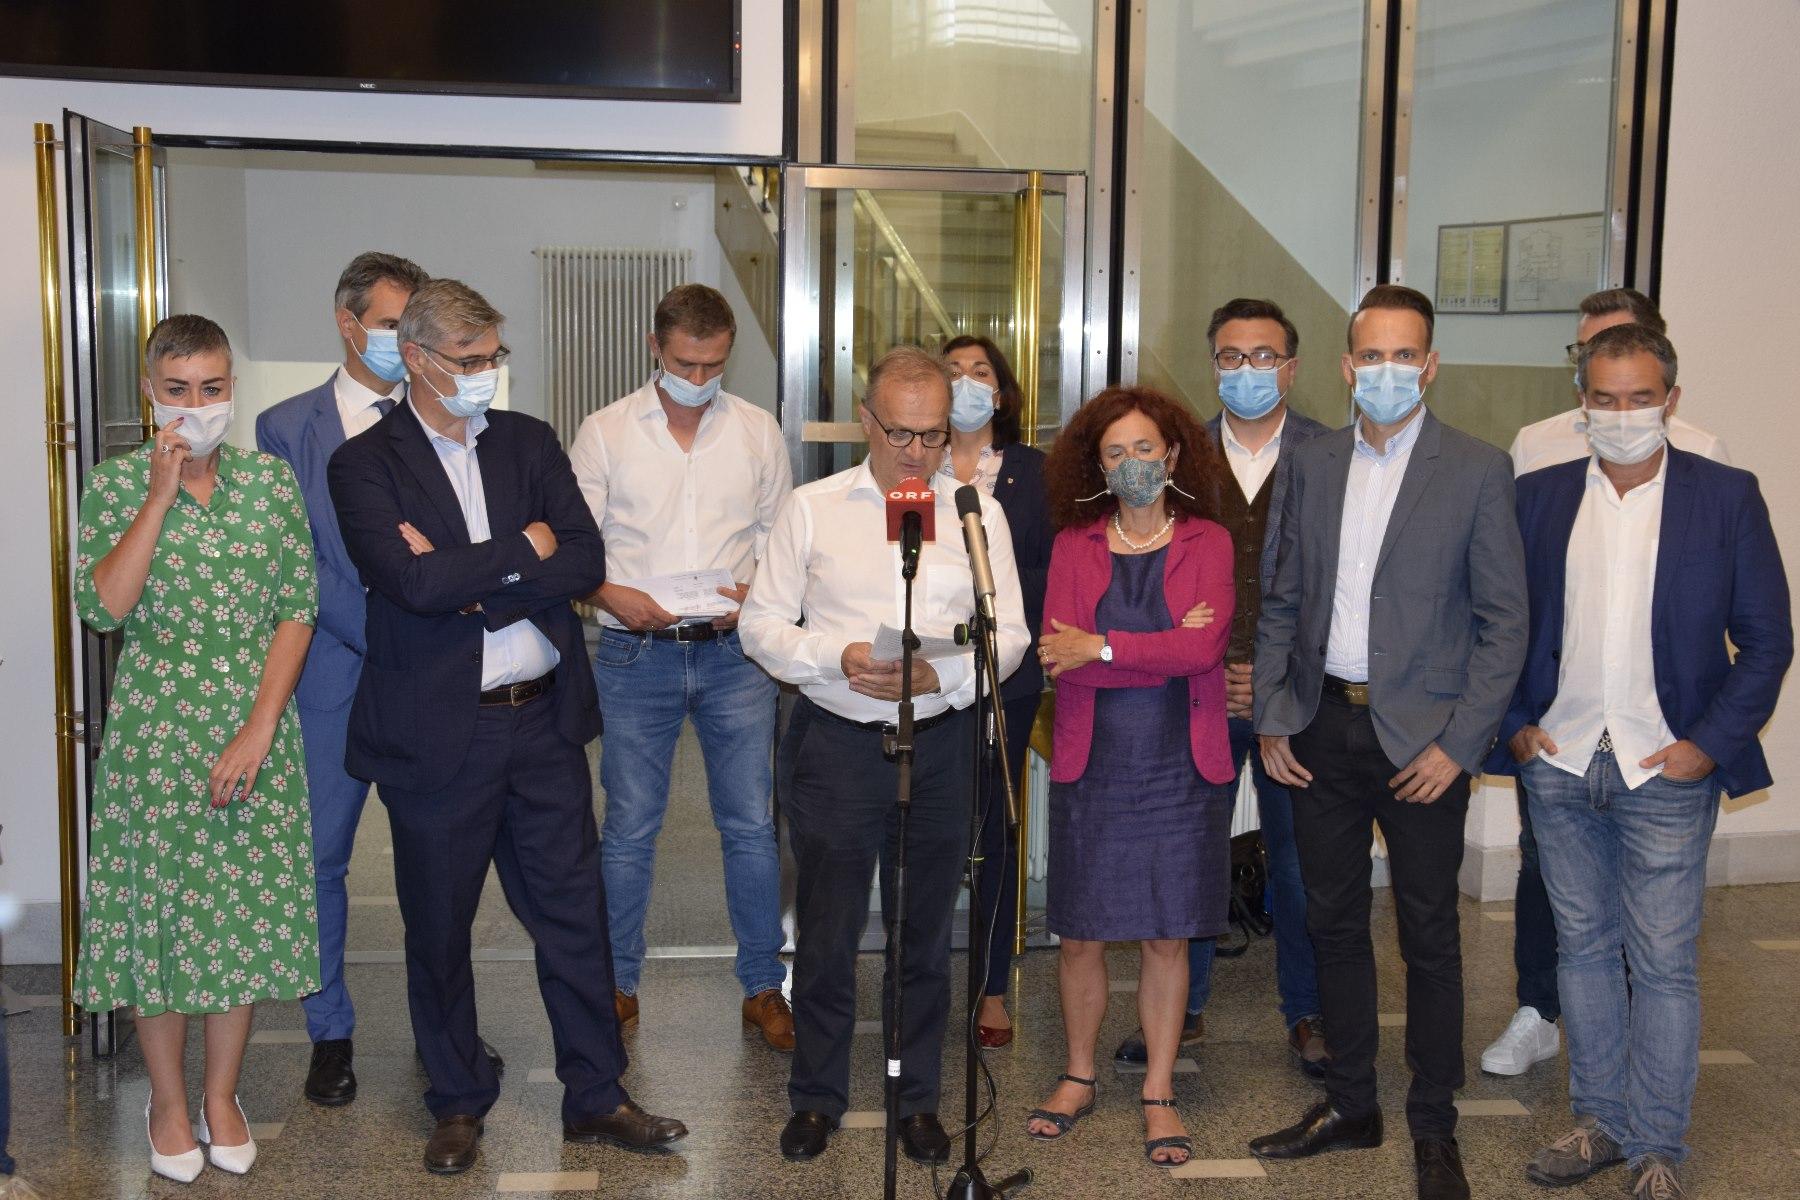 U-Ausschuss zur Masken-Affäre – Stellungnahme der Opposition